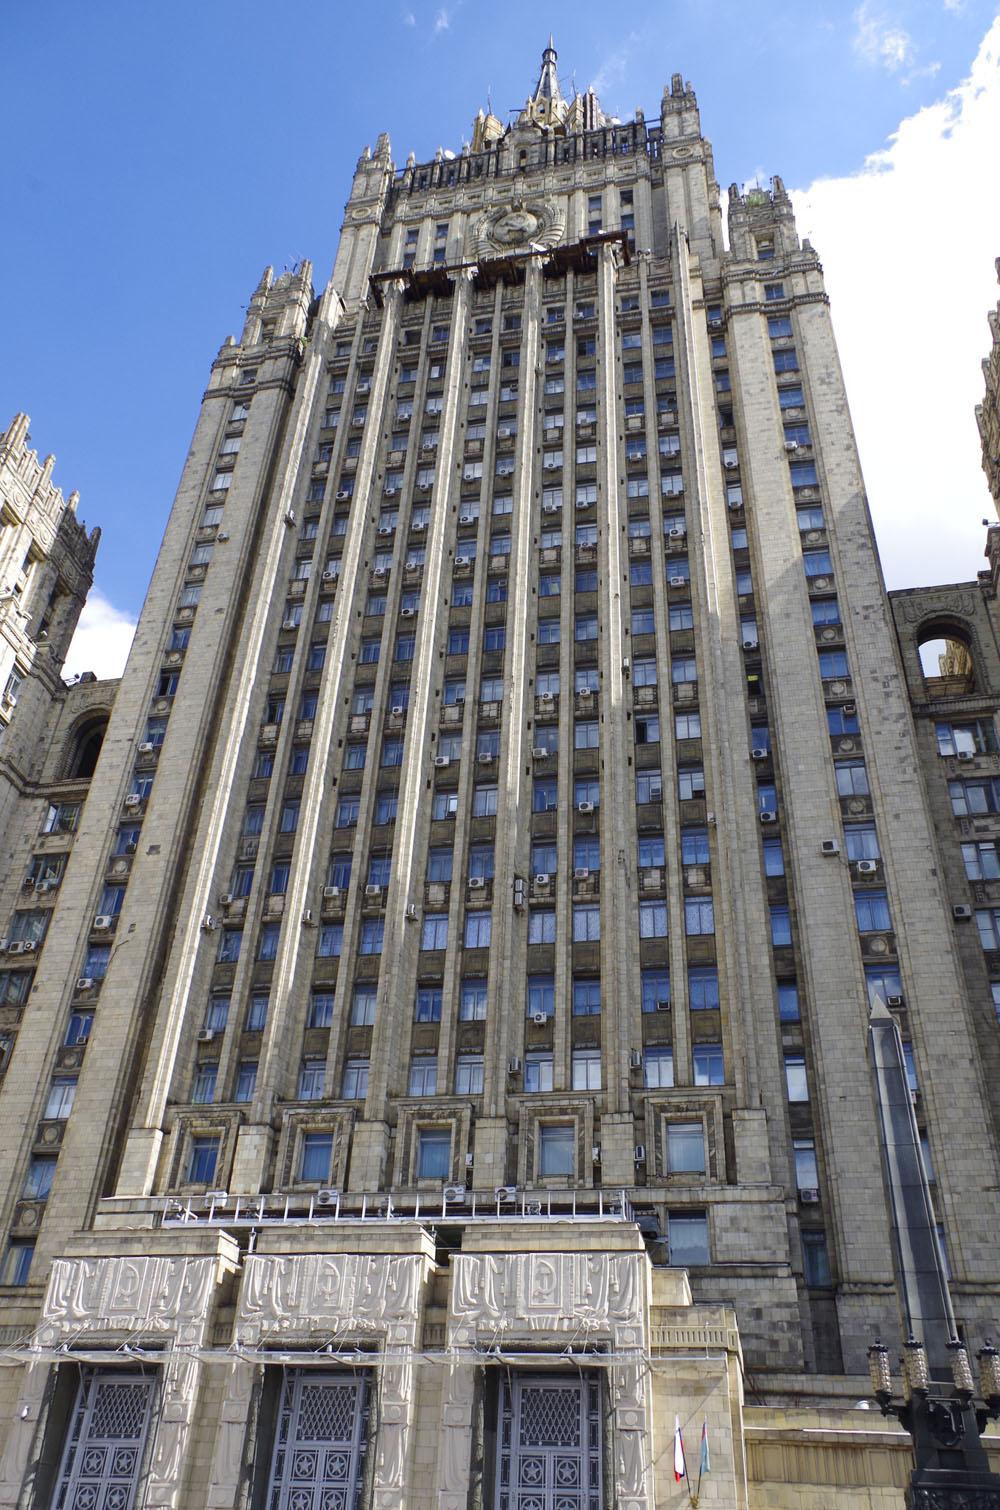 ru57-dvorec-ruin-i-primirenija_27